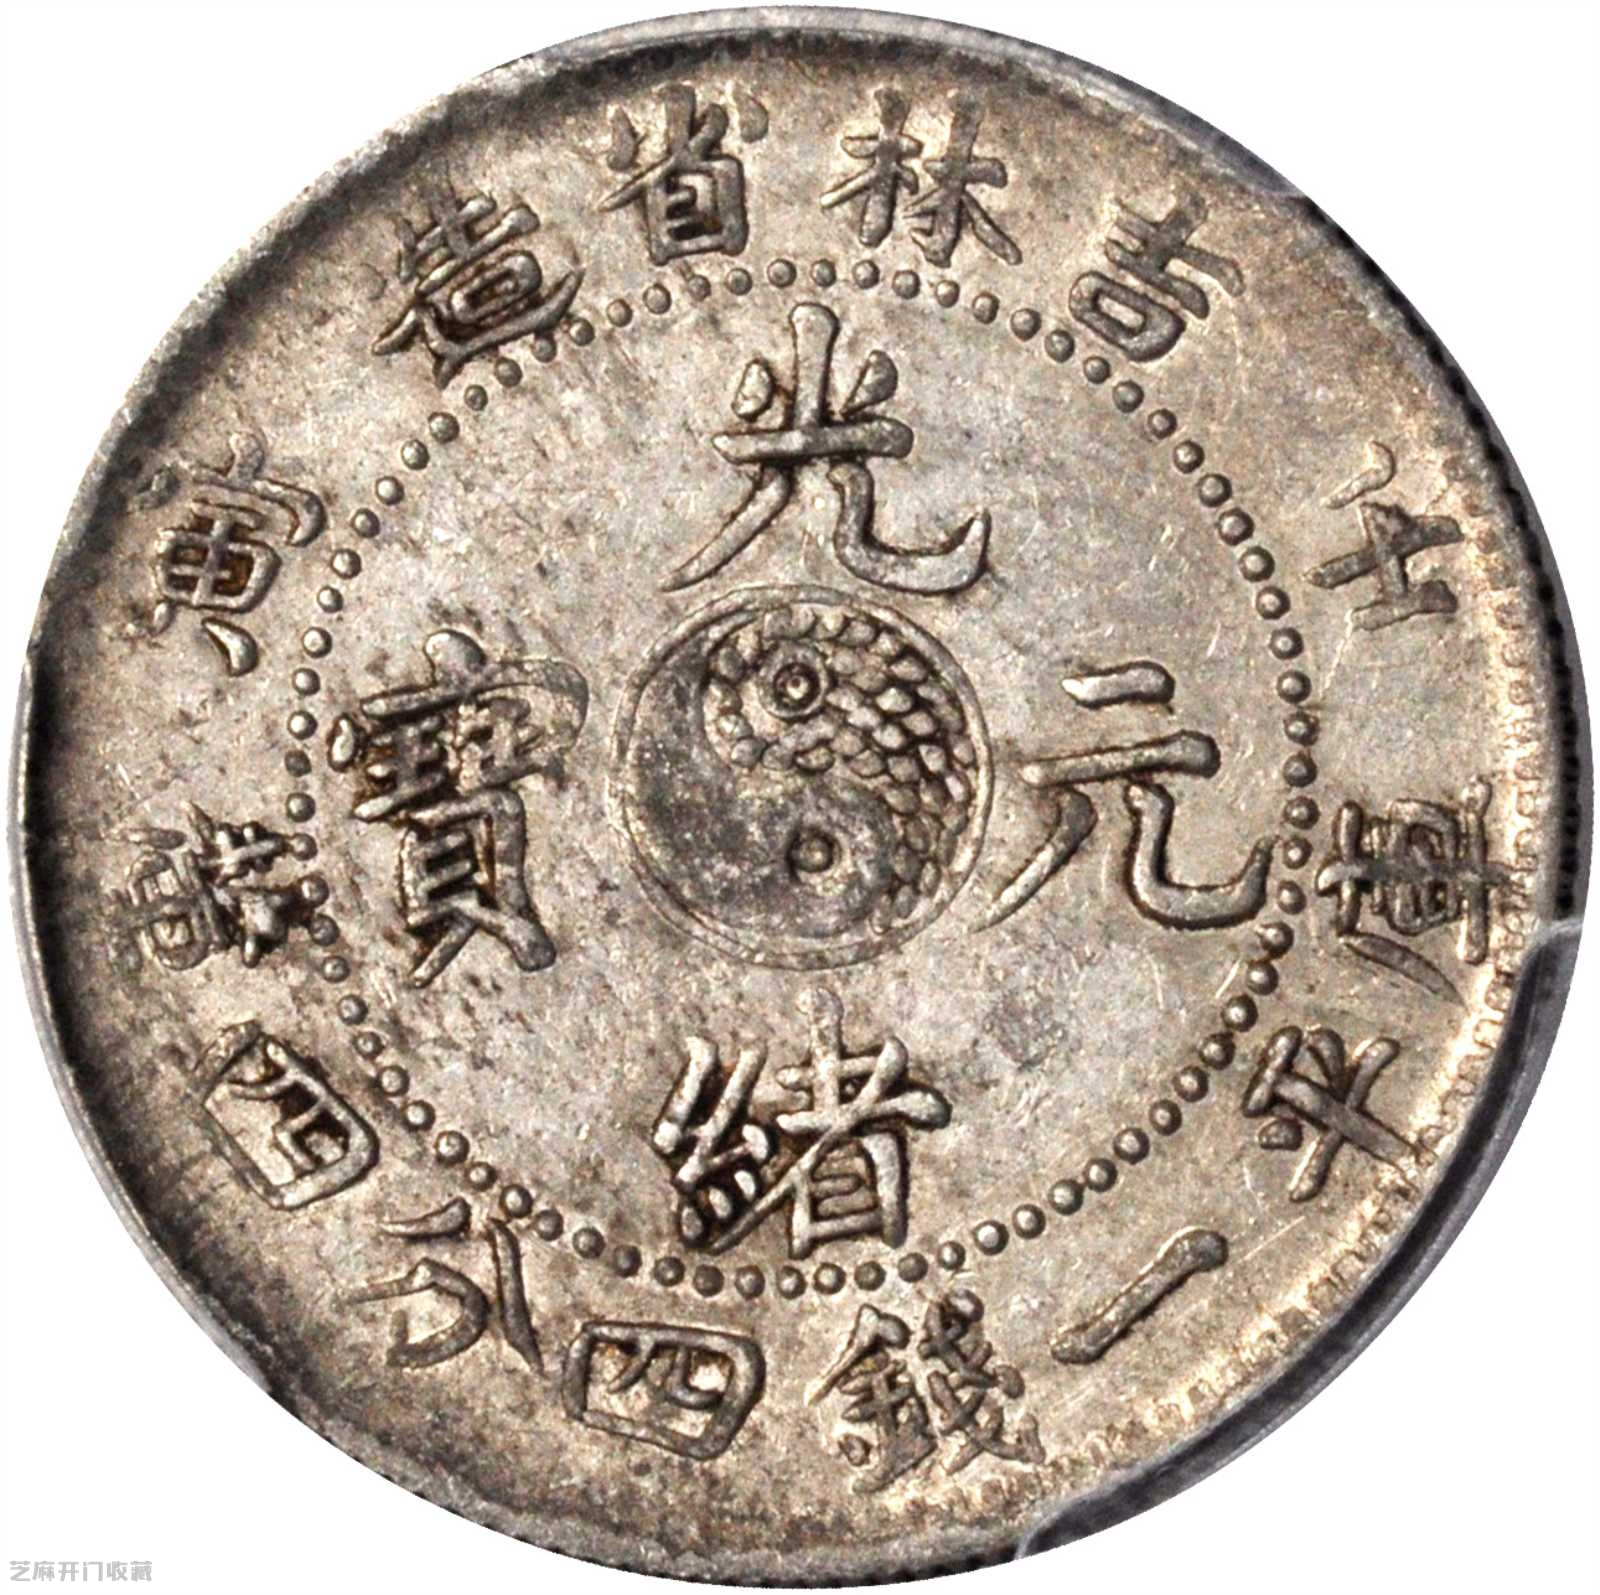 吉林壬寅银元值多少钱